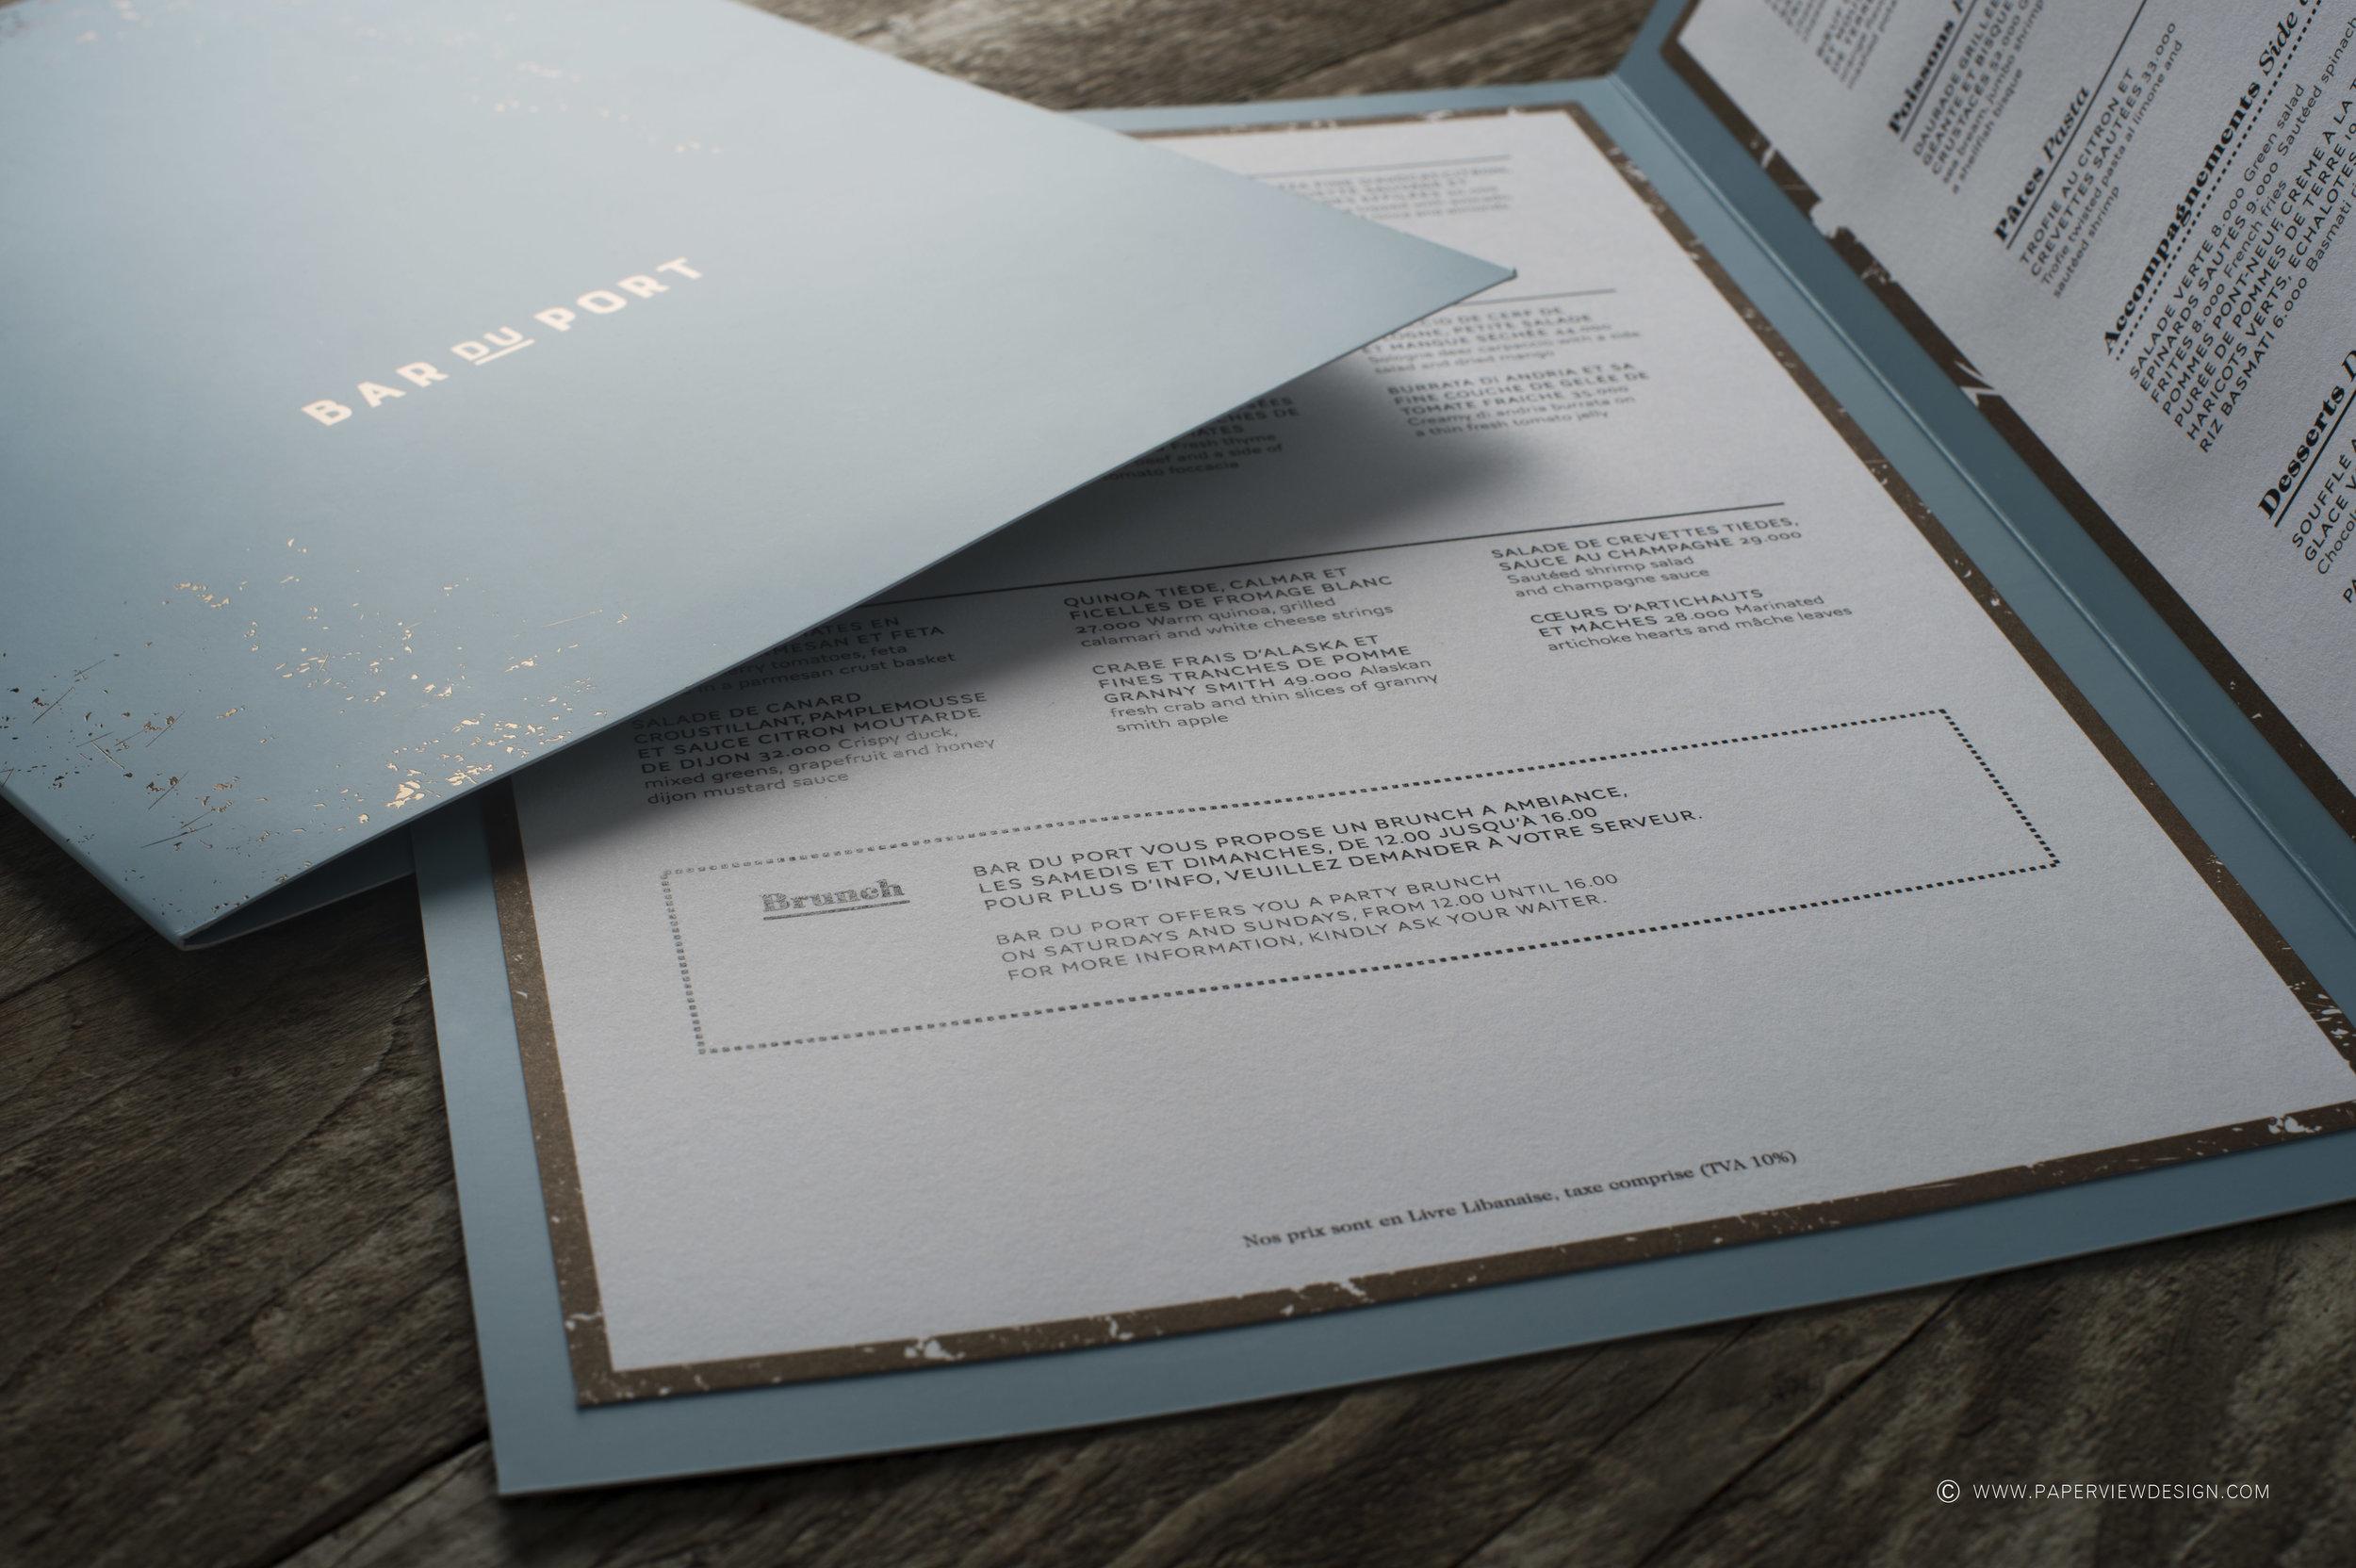 Menu-Art-Design-Branding-Layout-Inside-Sheets-Paper-Foil-Bar-Port-Dots-Beirut-Dubai-Brunch